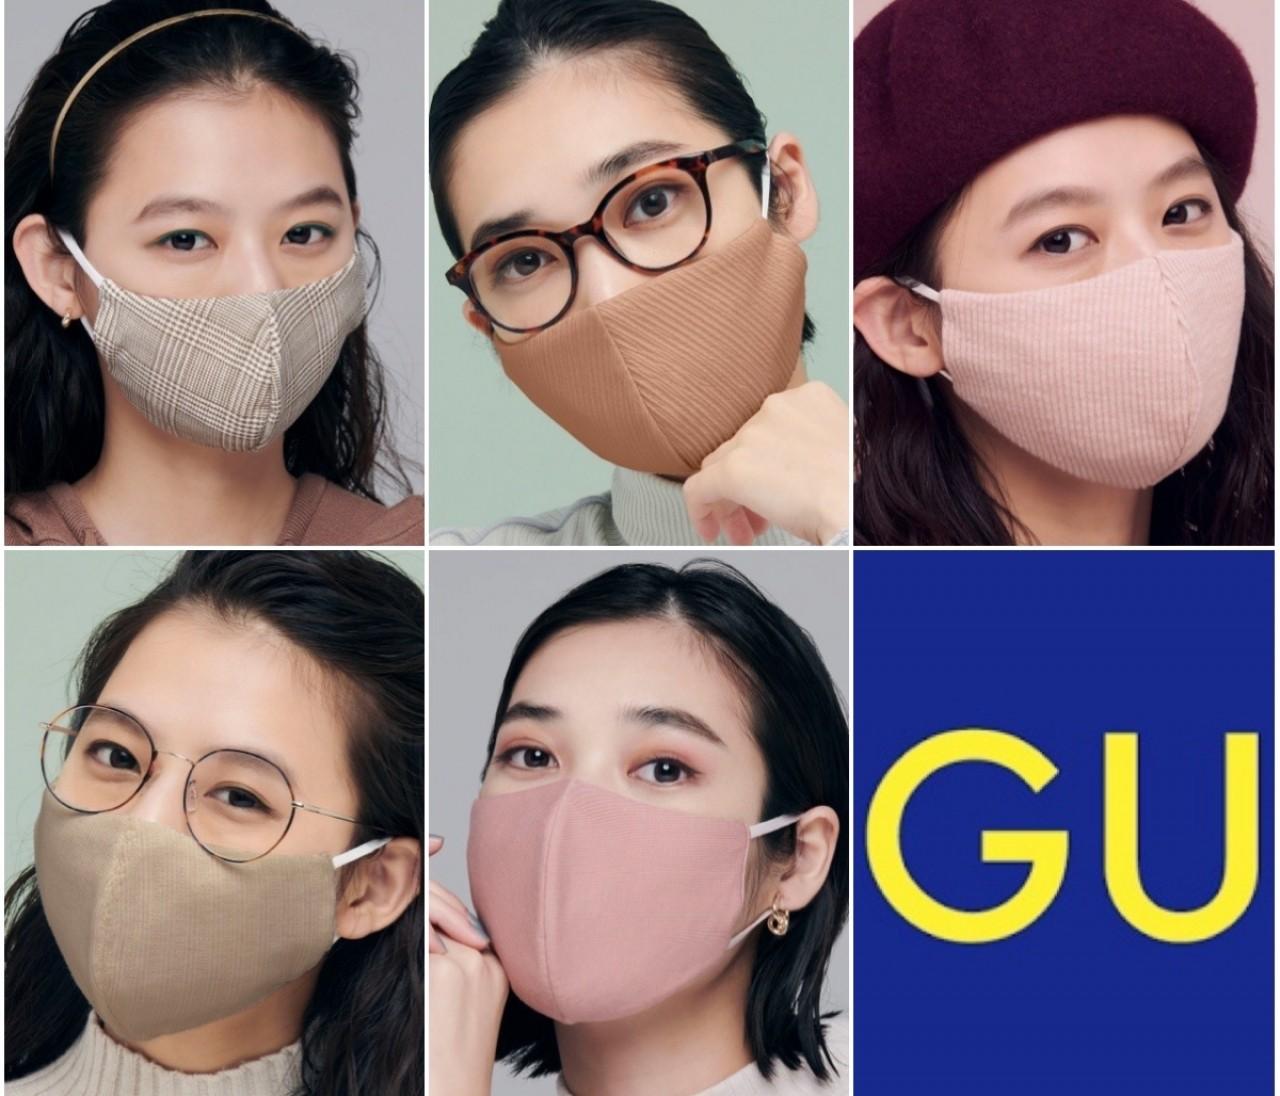 【ジーユー(GU)¥590おしゃれ新作マスク】「高機能フィルター入り コーデに合わせて選べる ファッションマスク」11月27日(金)に発売決定!